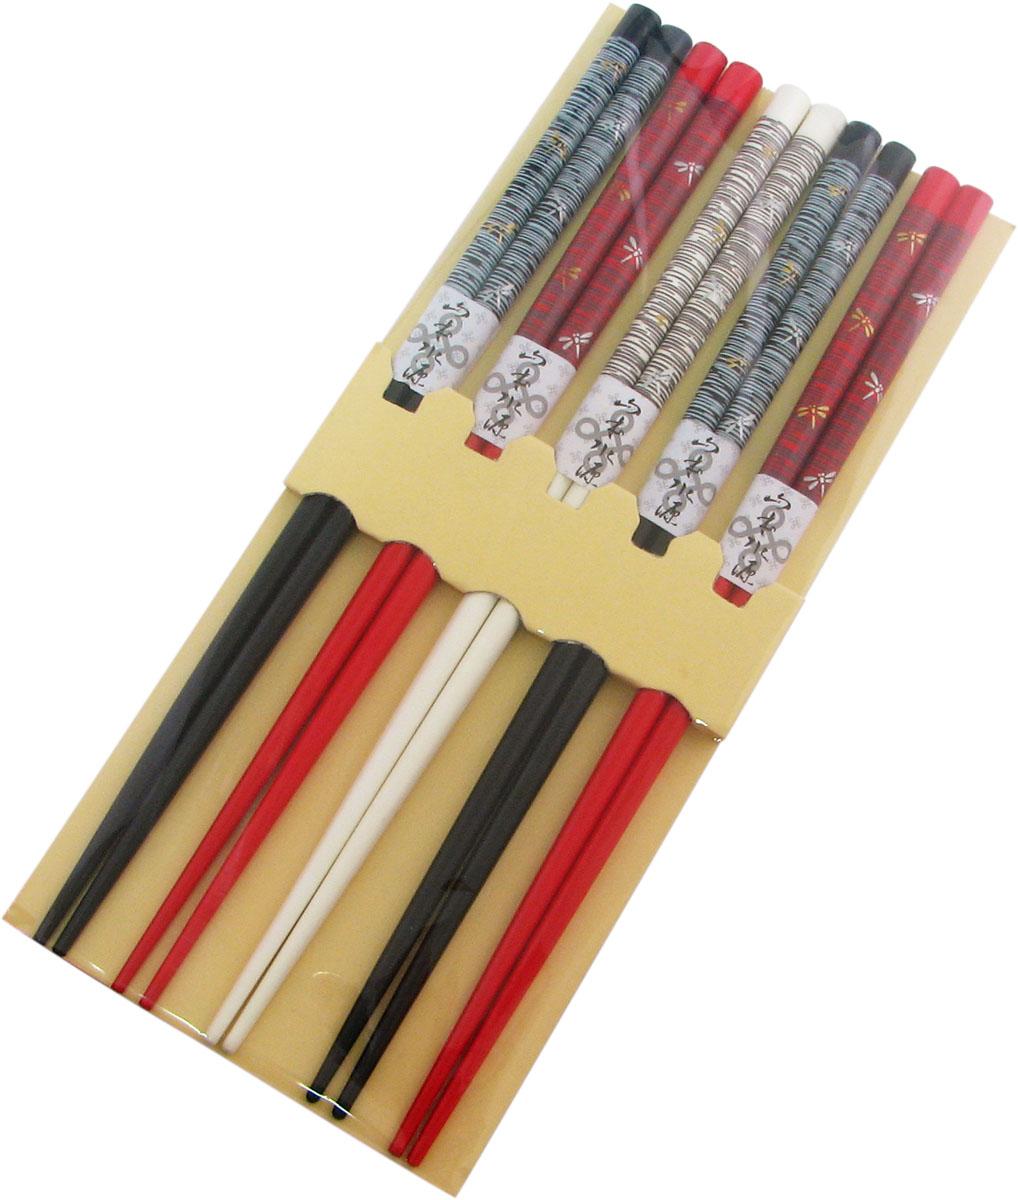 Палочки бамбуковые, цвет: белый, красный, черный, 10 шт набор для кухни pasta grande 1126804